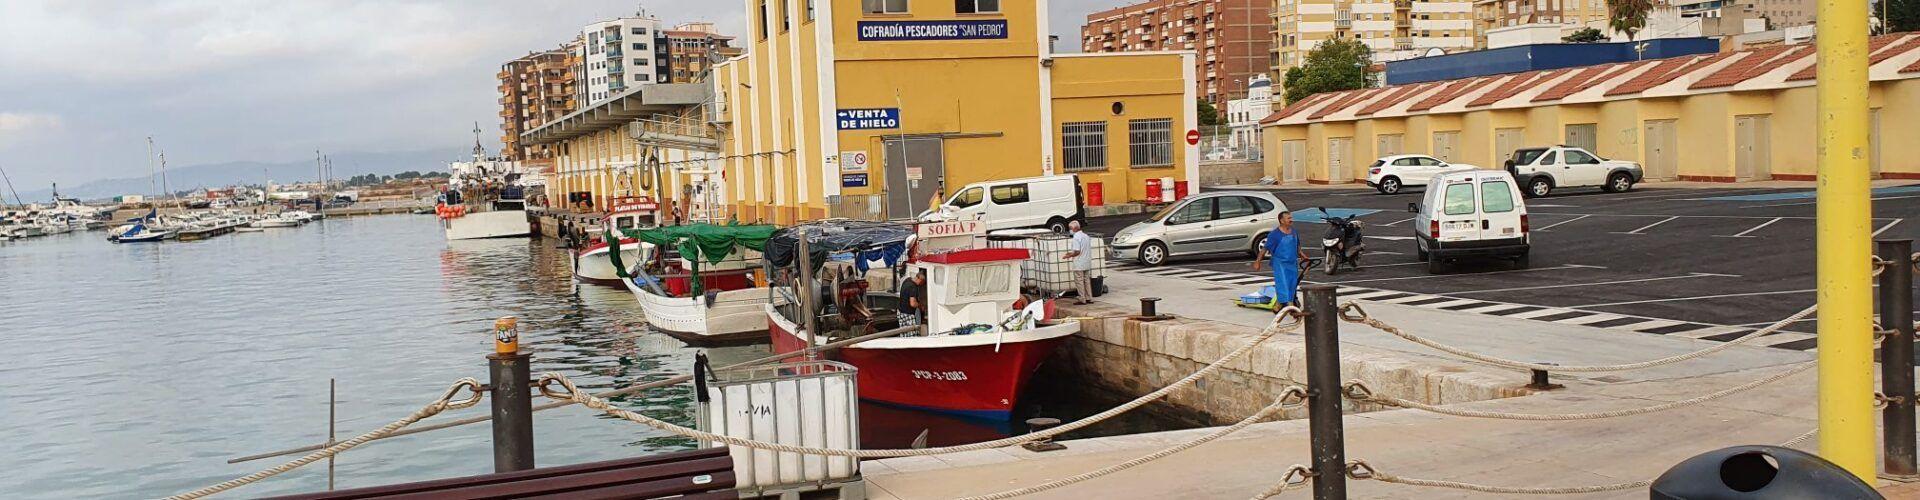 Els vaixells d'arrossegament de Vinaròs i Benicarló han sortit a pescar després de 2 mesos de veda voluntària